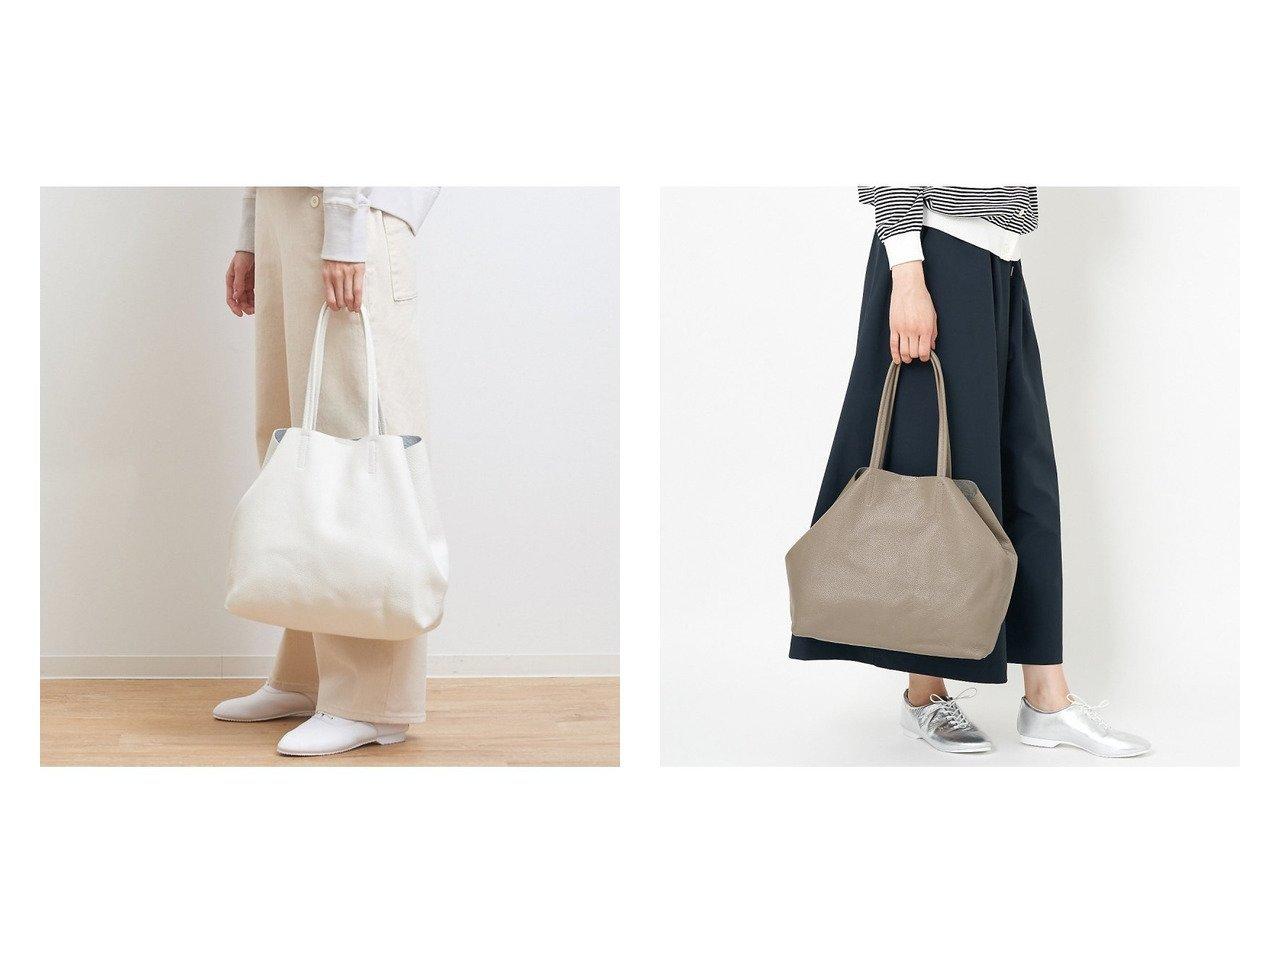 【collex/コレックス】のカウレザートートバッグ 【バッグ・鞄】おすすめ!人気、トレンド・レディースファッションの通販 おすすめで人気の流行・トレンド、ファッションの通販商品 インテリア・家具・メンズファッション・キッズファッション・レディースファッション・服の通販 founy(ファニー) https://founy.com/ ファッション Fashion レディースファッション WOMEN バッグ Bag コンパクト ポケット |ID:crp329100000044112